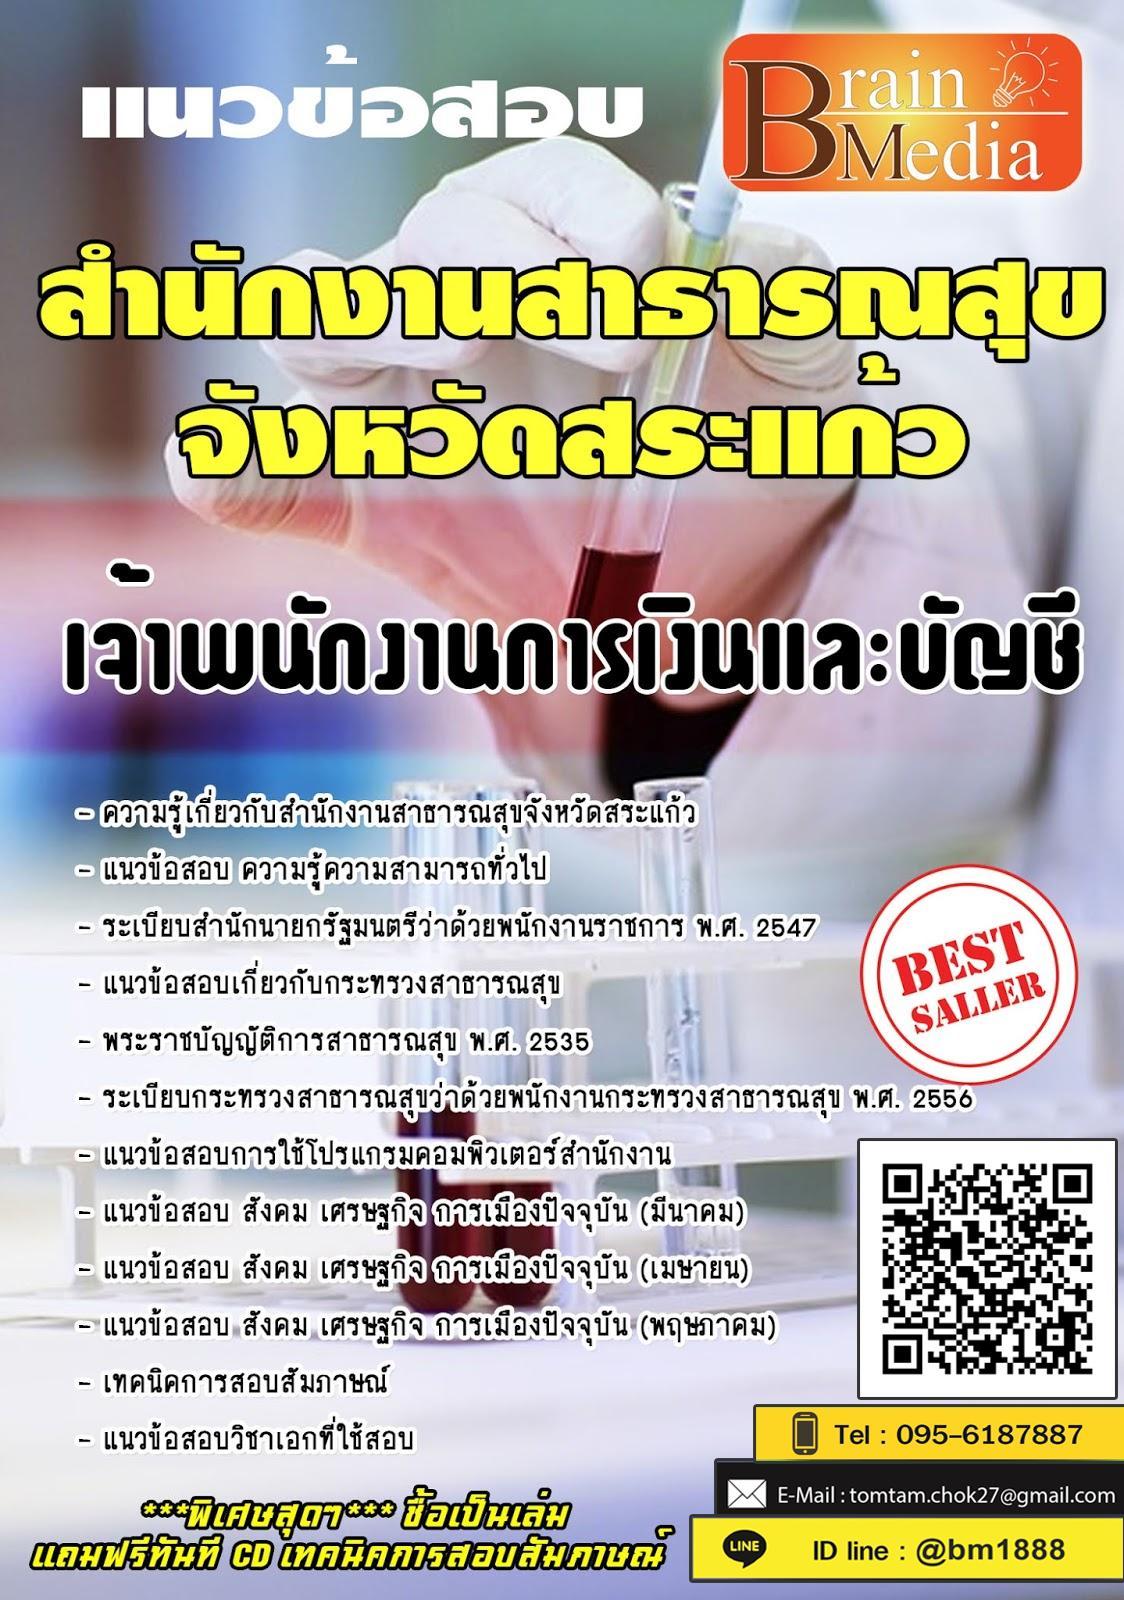 สรุปแนวข้อสอบ(พร้อมเฉลย) เจ้าพนักงานการเงินและบัญชี สำนักงานสาธารณสุขจังหวัดสระแก้ว